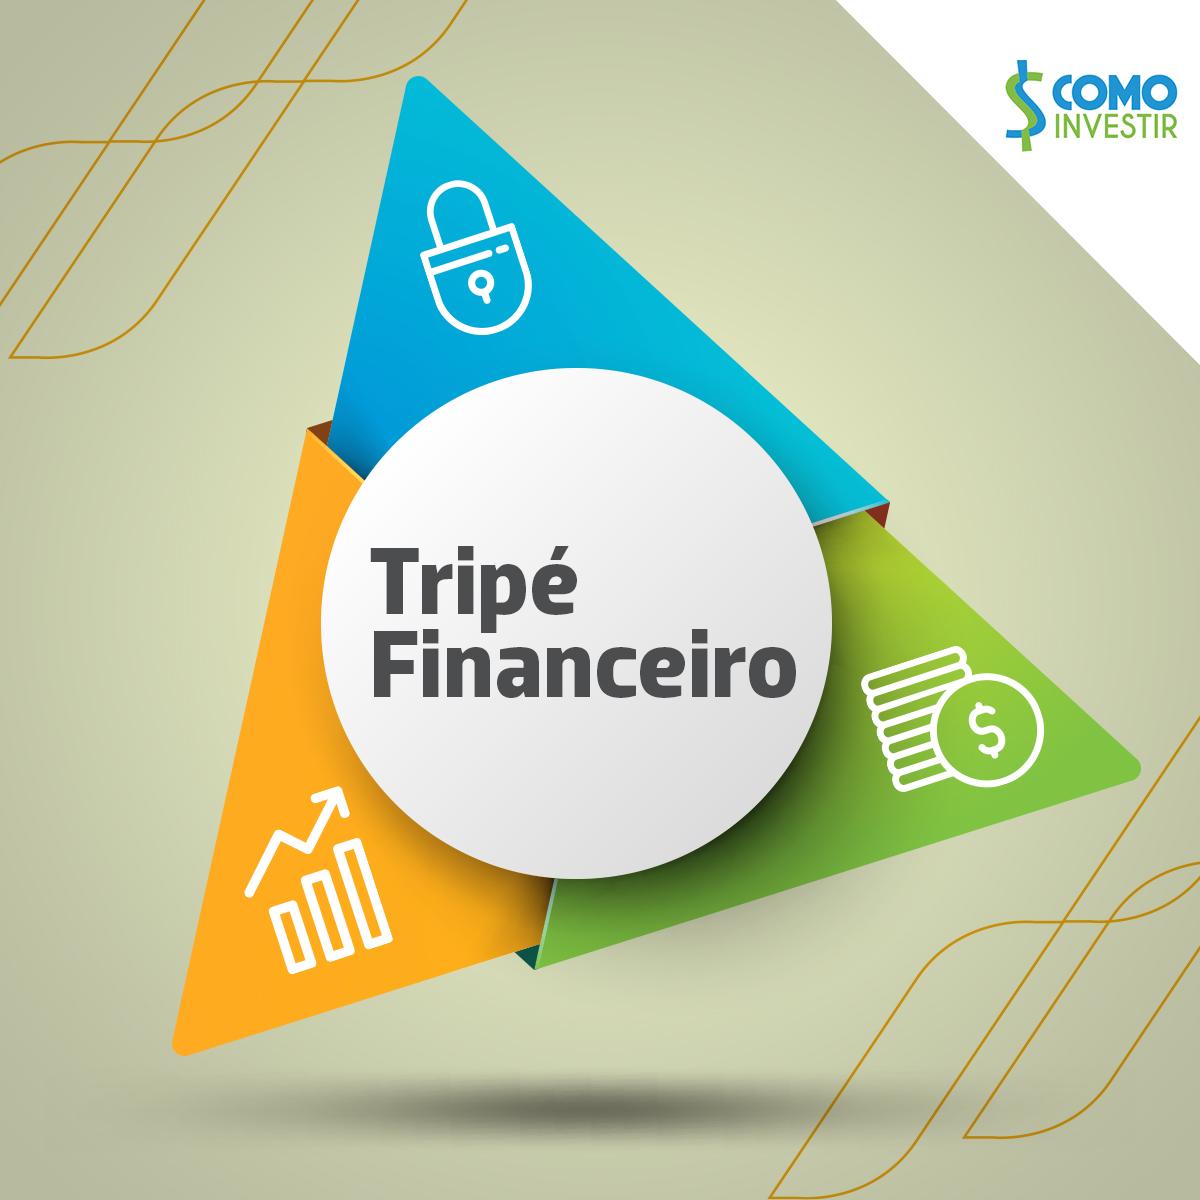 Segurança, rentabilidade e liquidez: entenda o tripé dos investimentos!